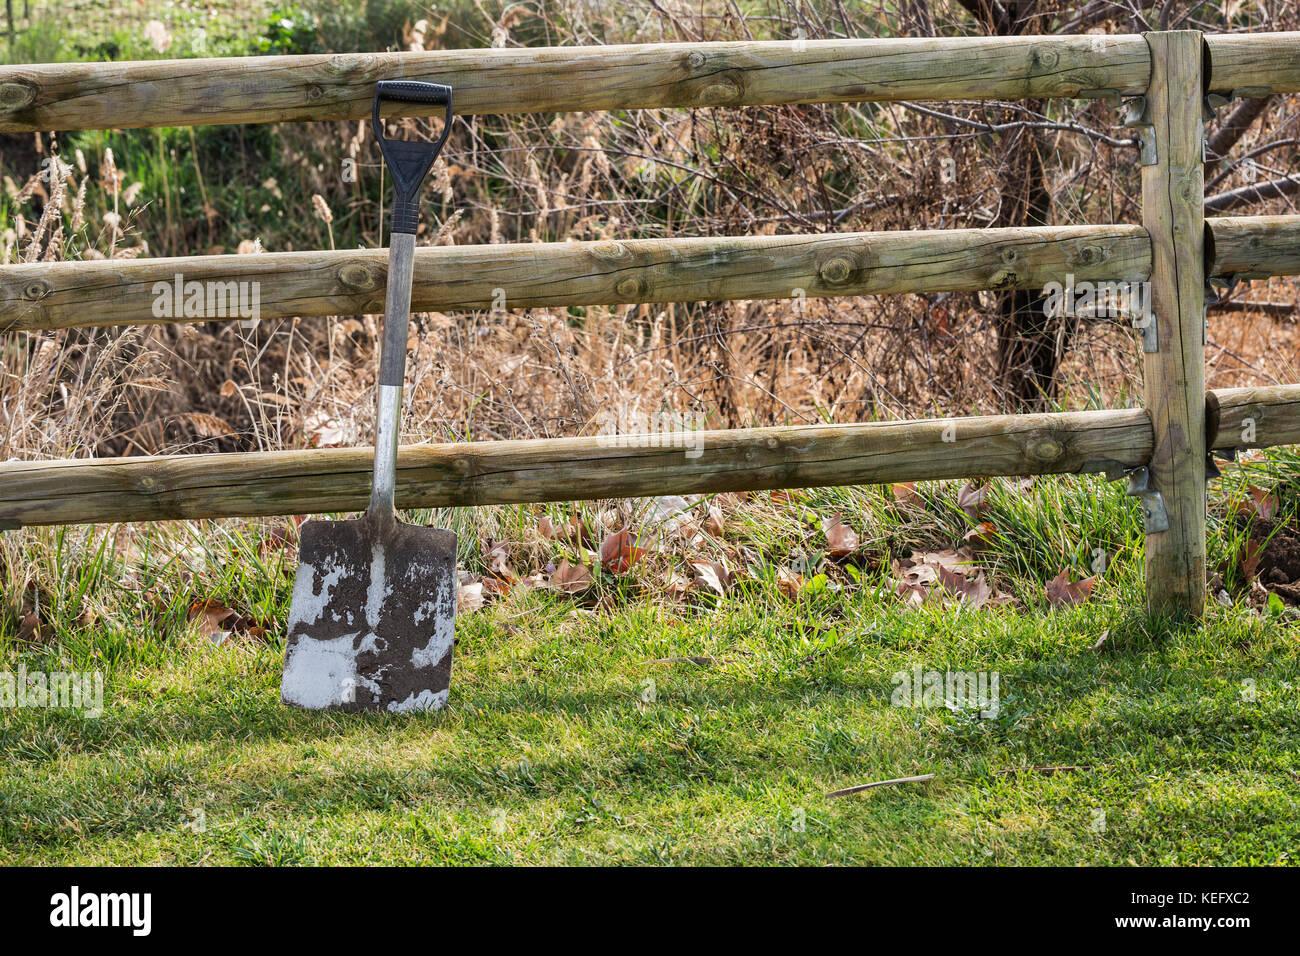 Dirty Spade Stock Photos & Dirty Spade Stock Images - Alamy